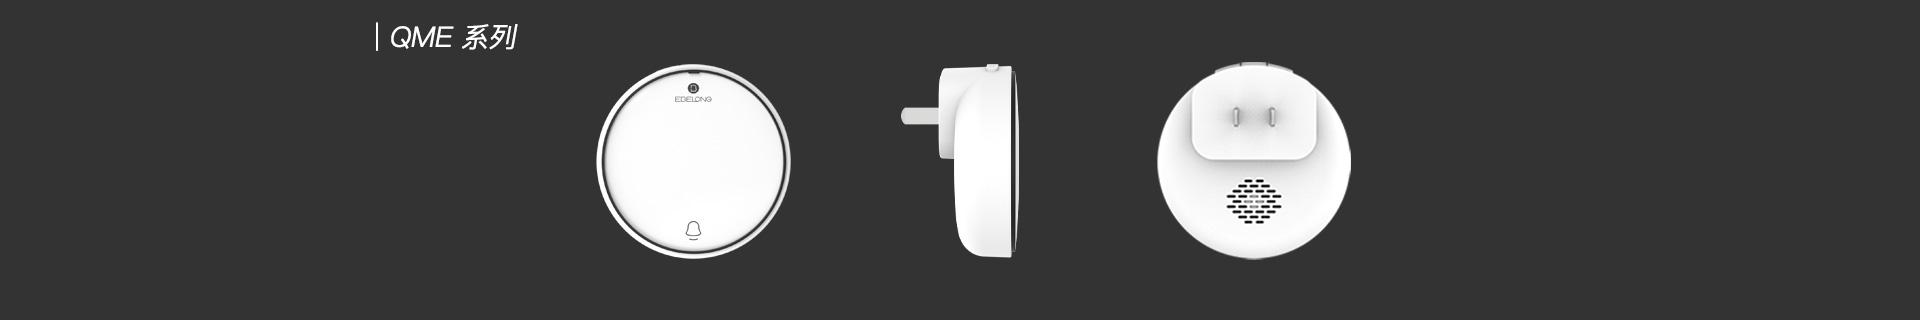 易百珑自发电安防主机QME图